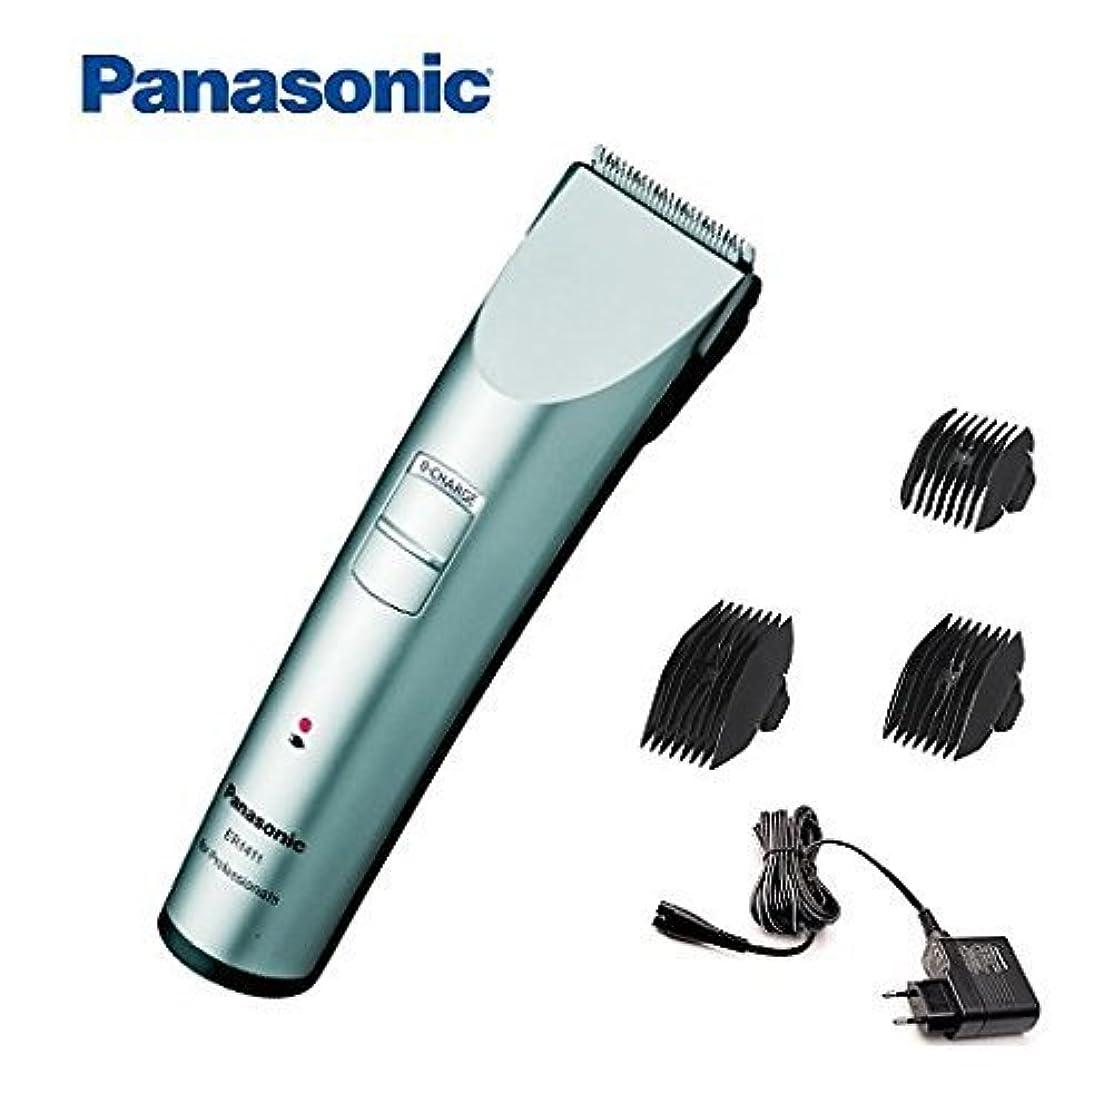 電気陽性遺伝的アルコーブNew Panasonic ER1411 ER-1411 ER1411s Cord/Cordless Professional Hair Clipper by Panasonic [並行輸入品]